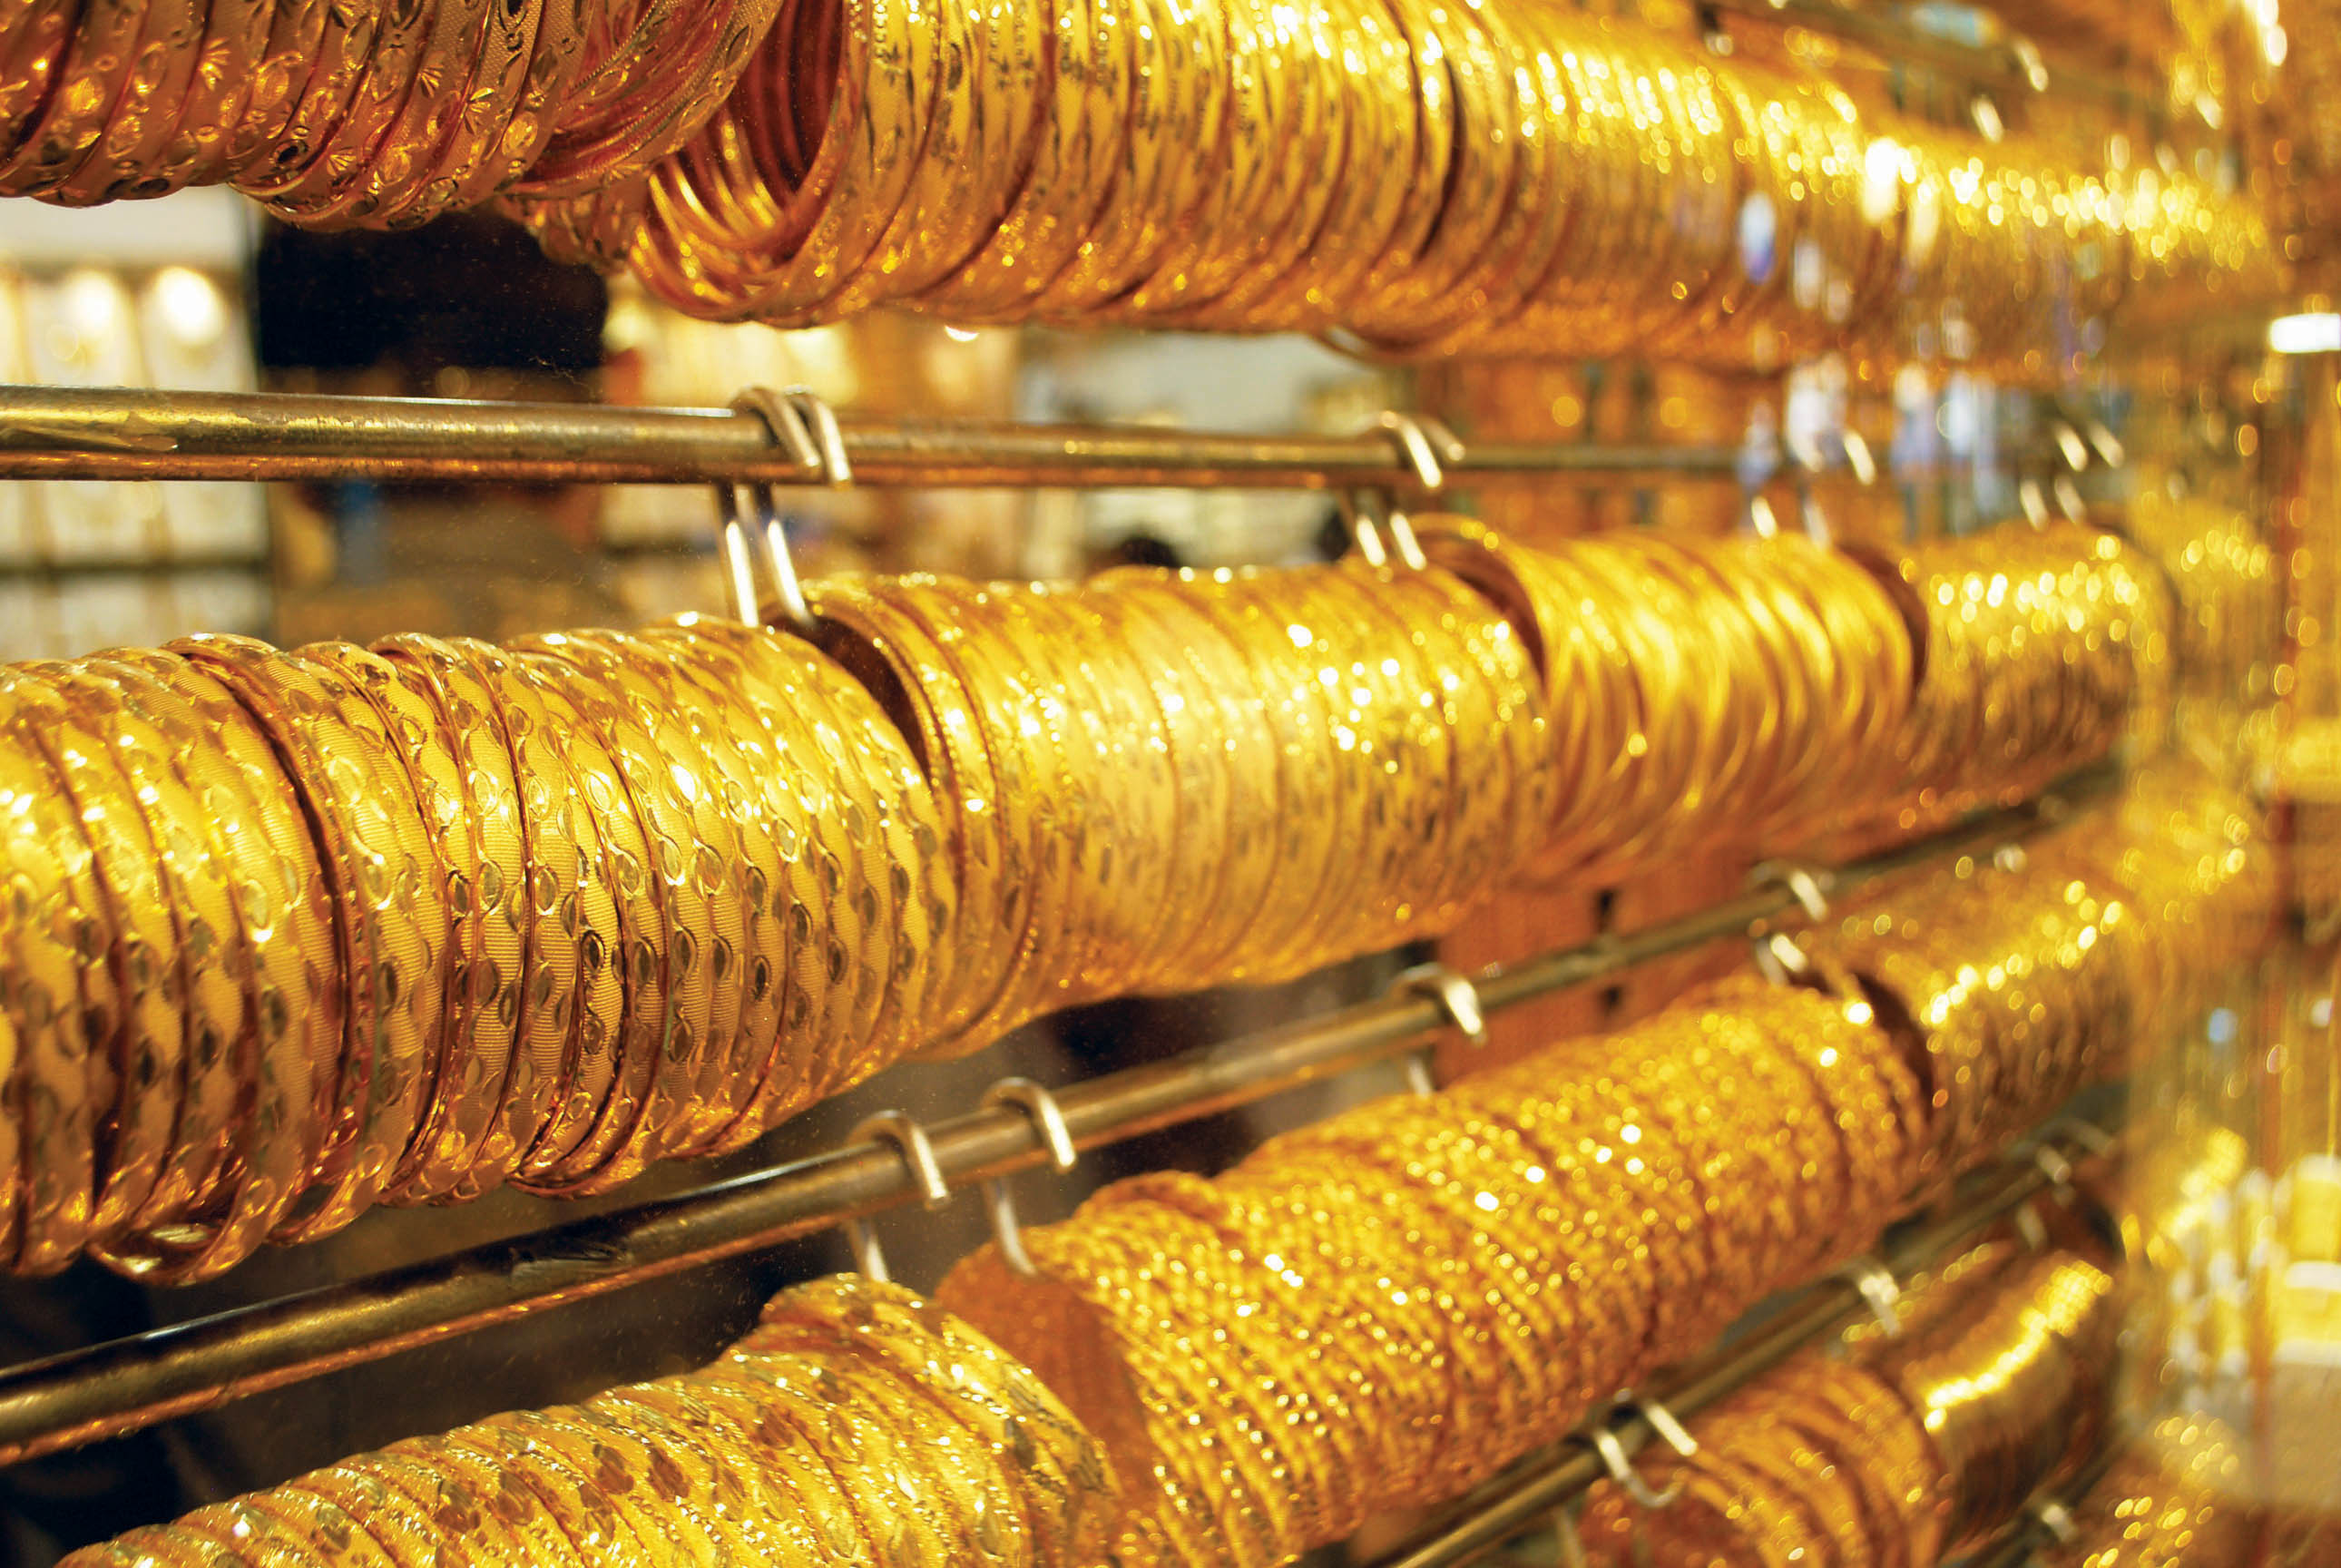 صورة أسعار الذهب اليوم الثلاثاء 12-12-2017 في سوق الصاغة المصرية